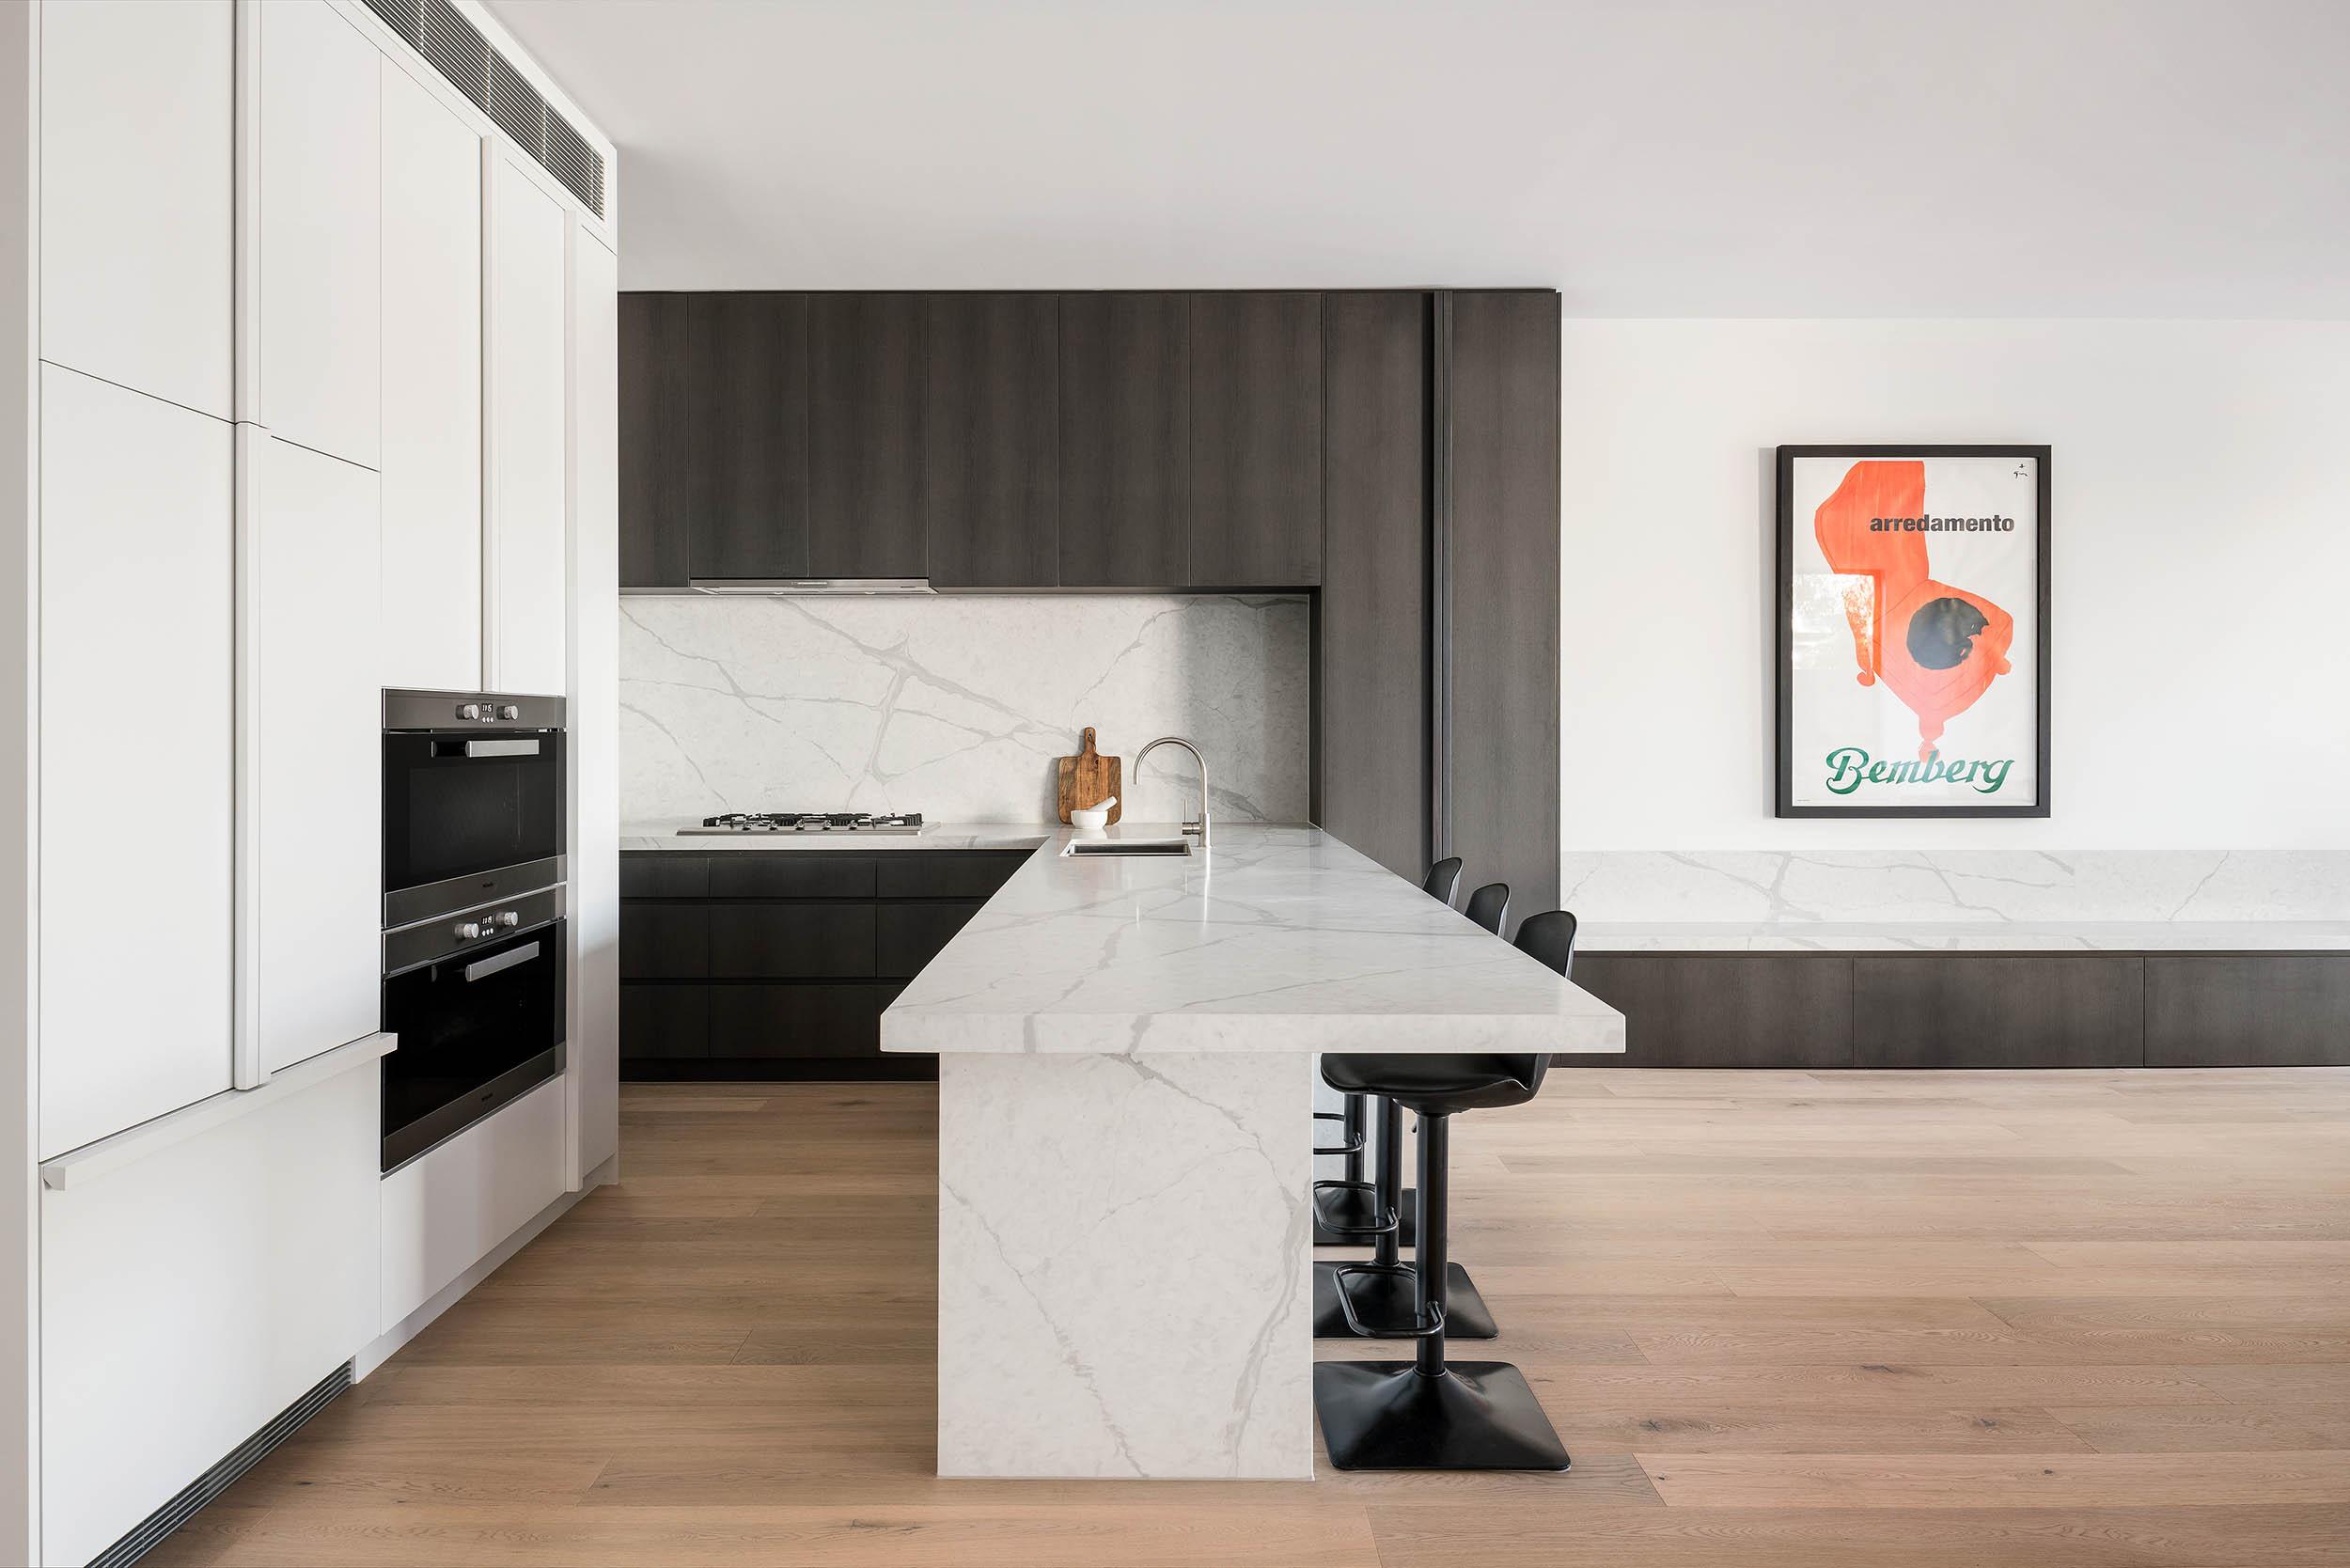 c.kairouz architects fairfield townhouse architectural interior kitchen design side view